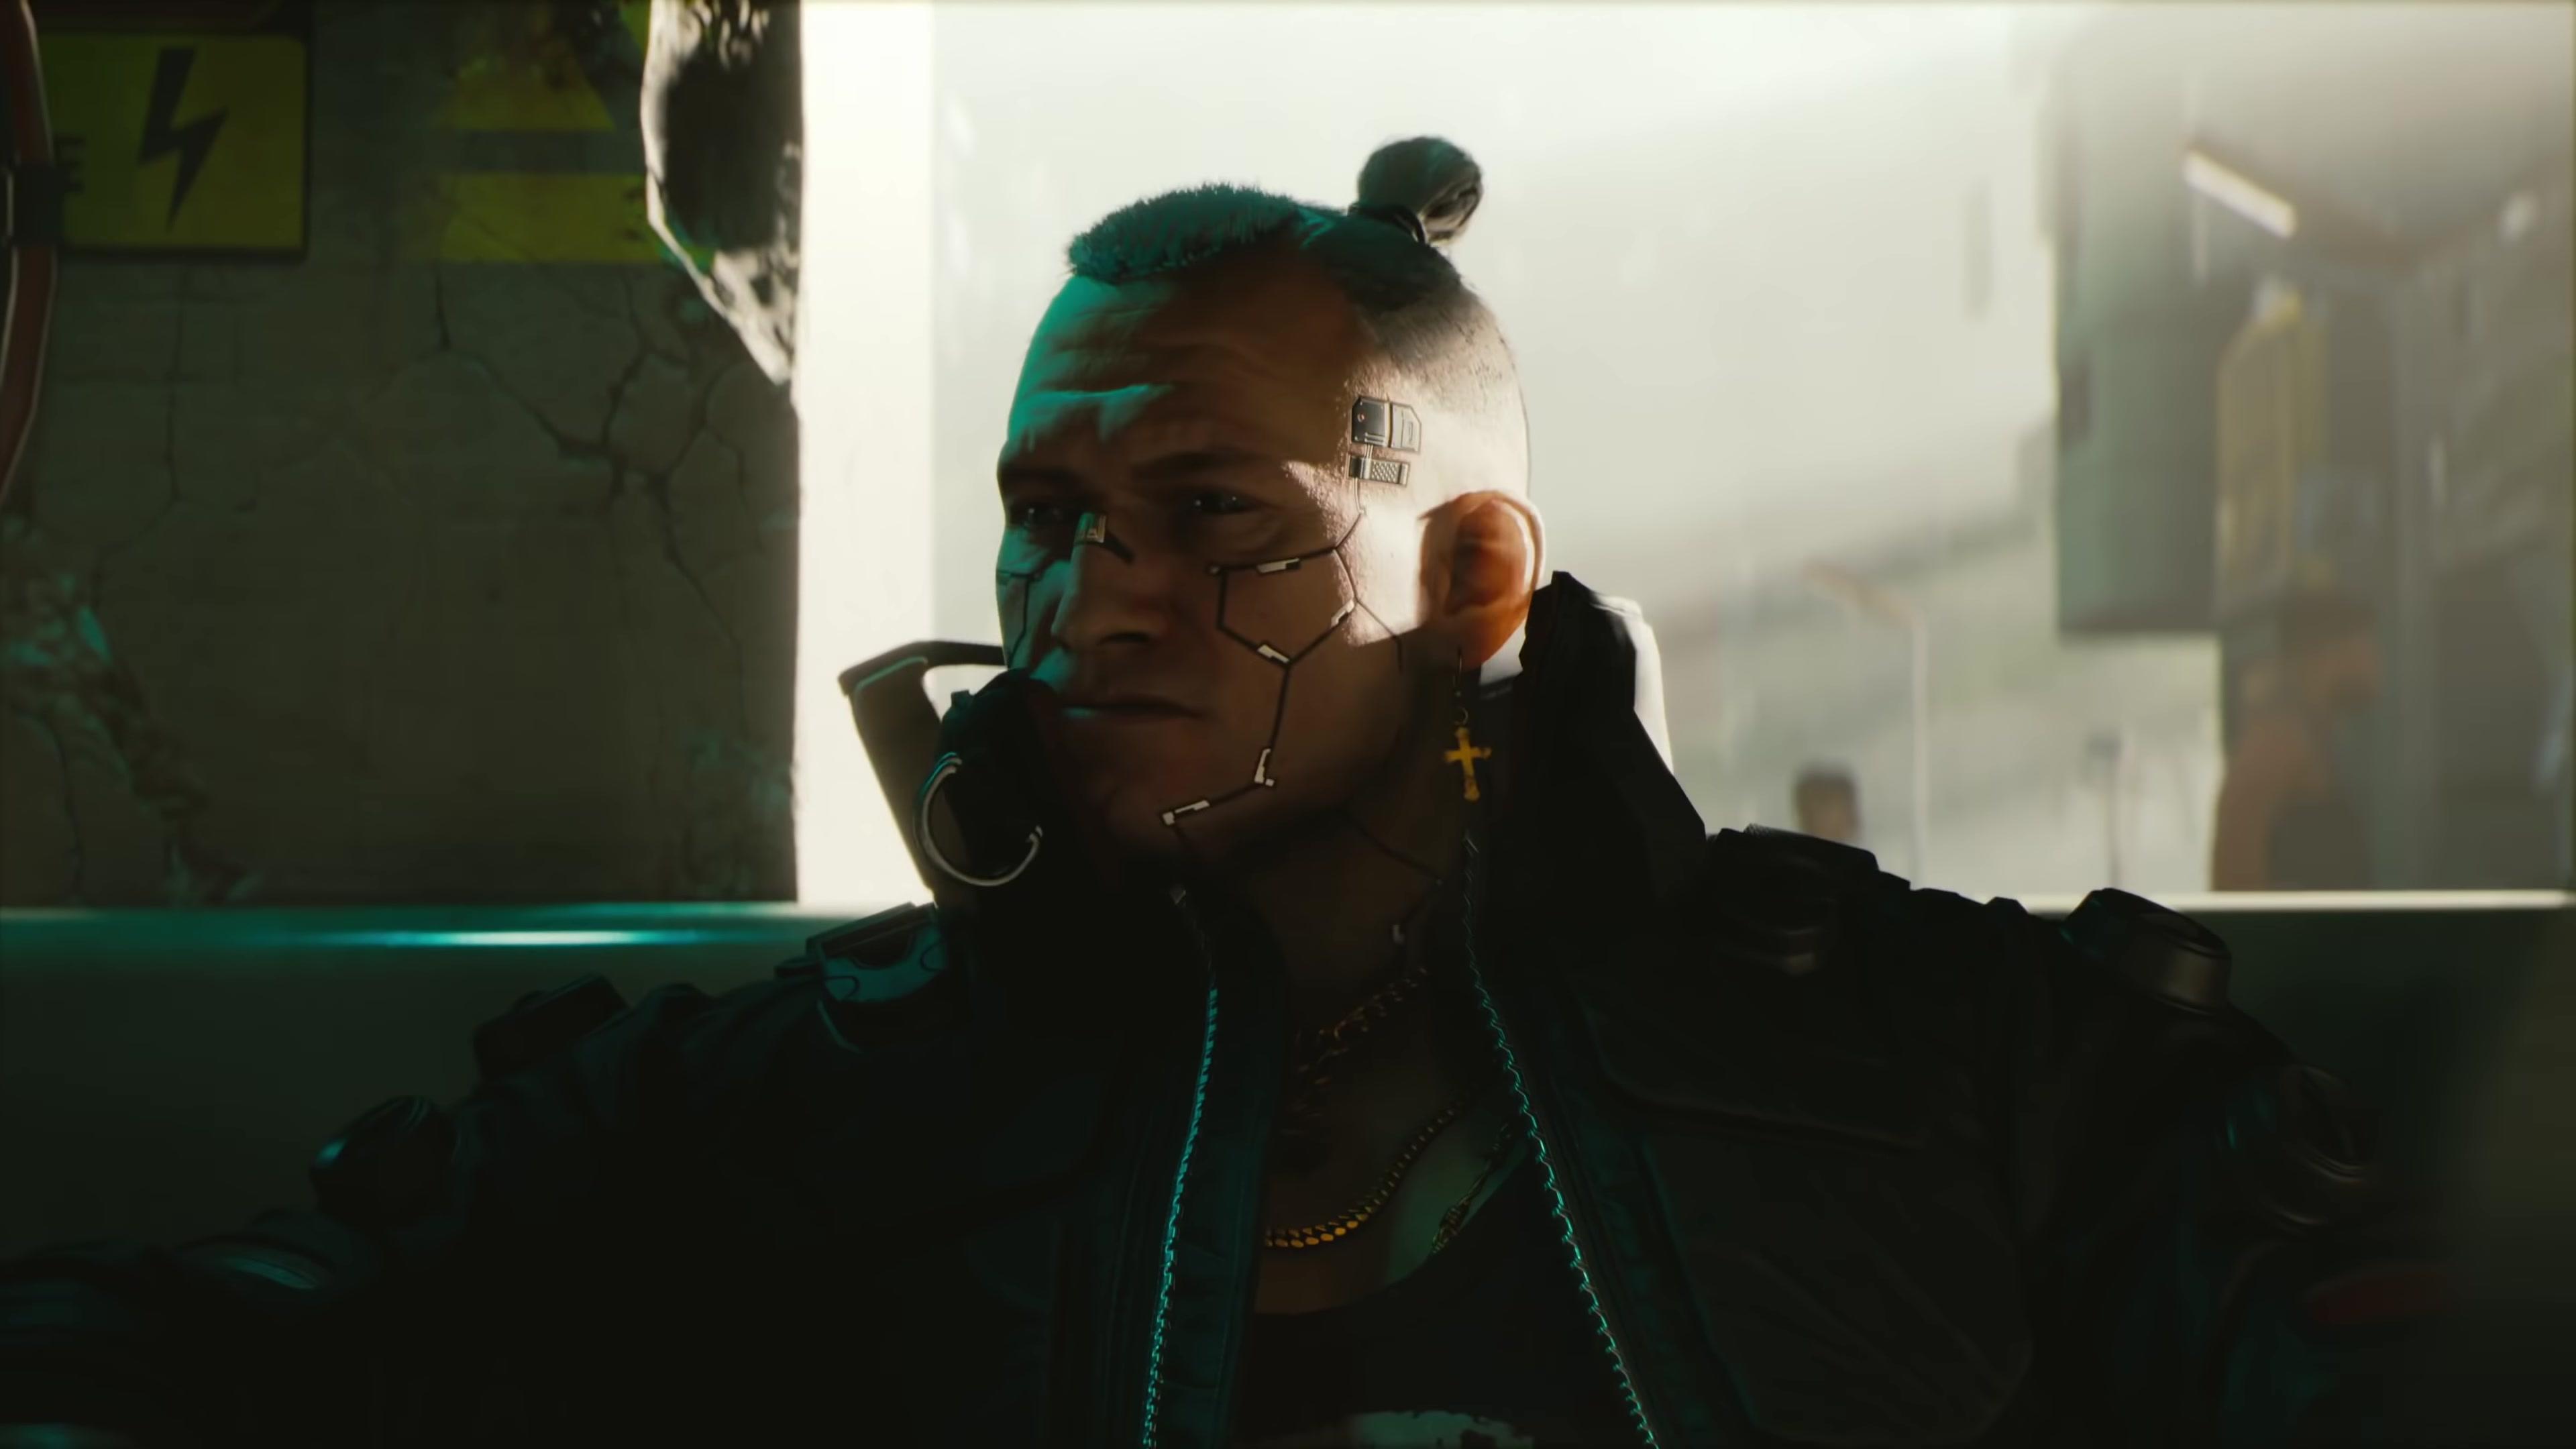 Cyberpunk 2077 042.jpg - Cyberpunk 2077